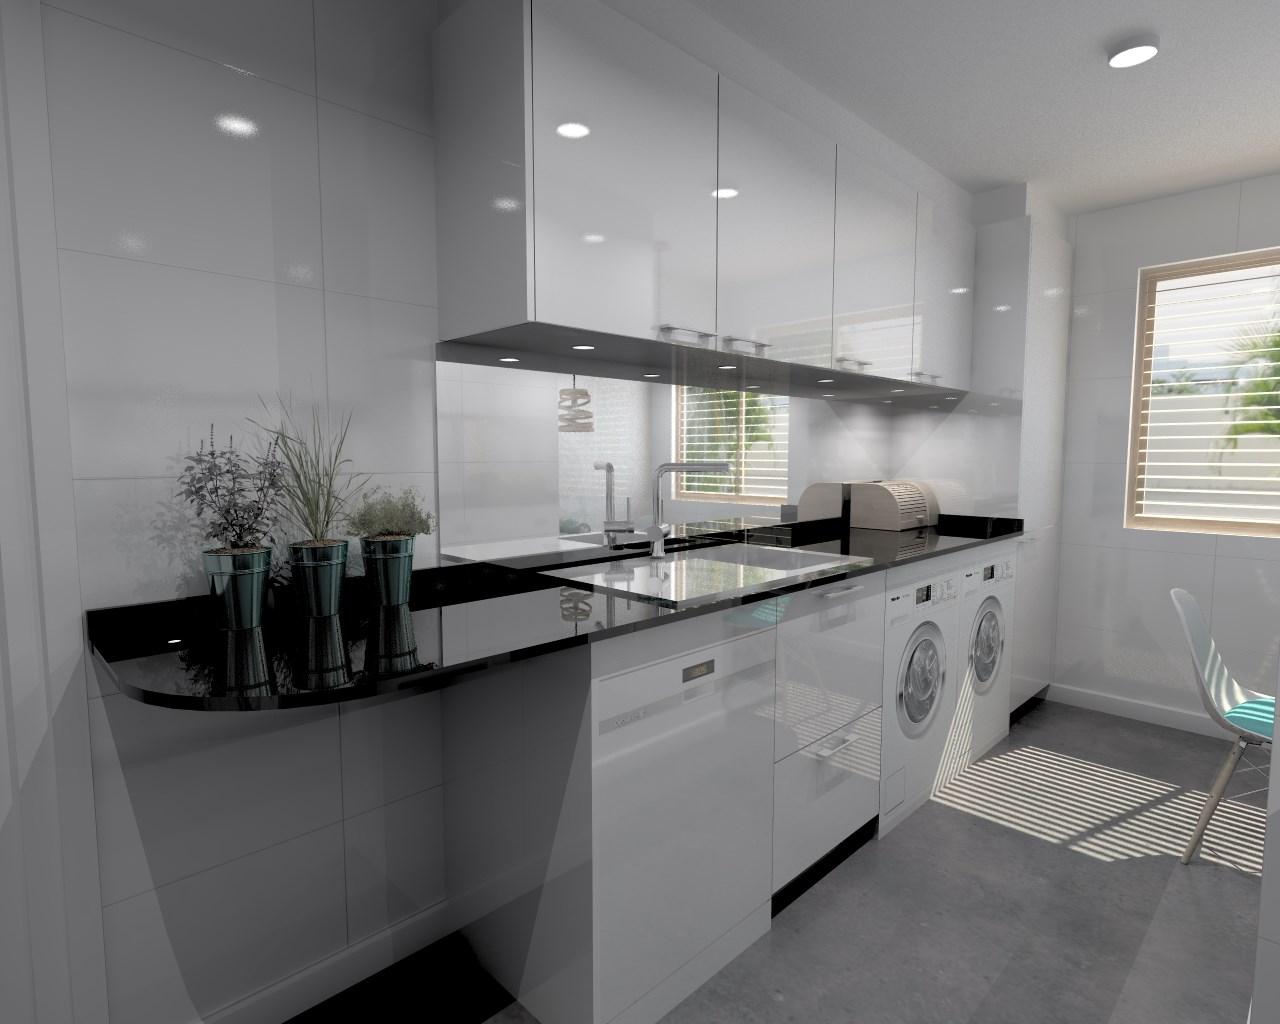 Aravaca cocina santos modelo plano laminado blanco - Encimera granito negro ...